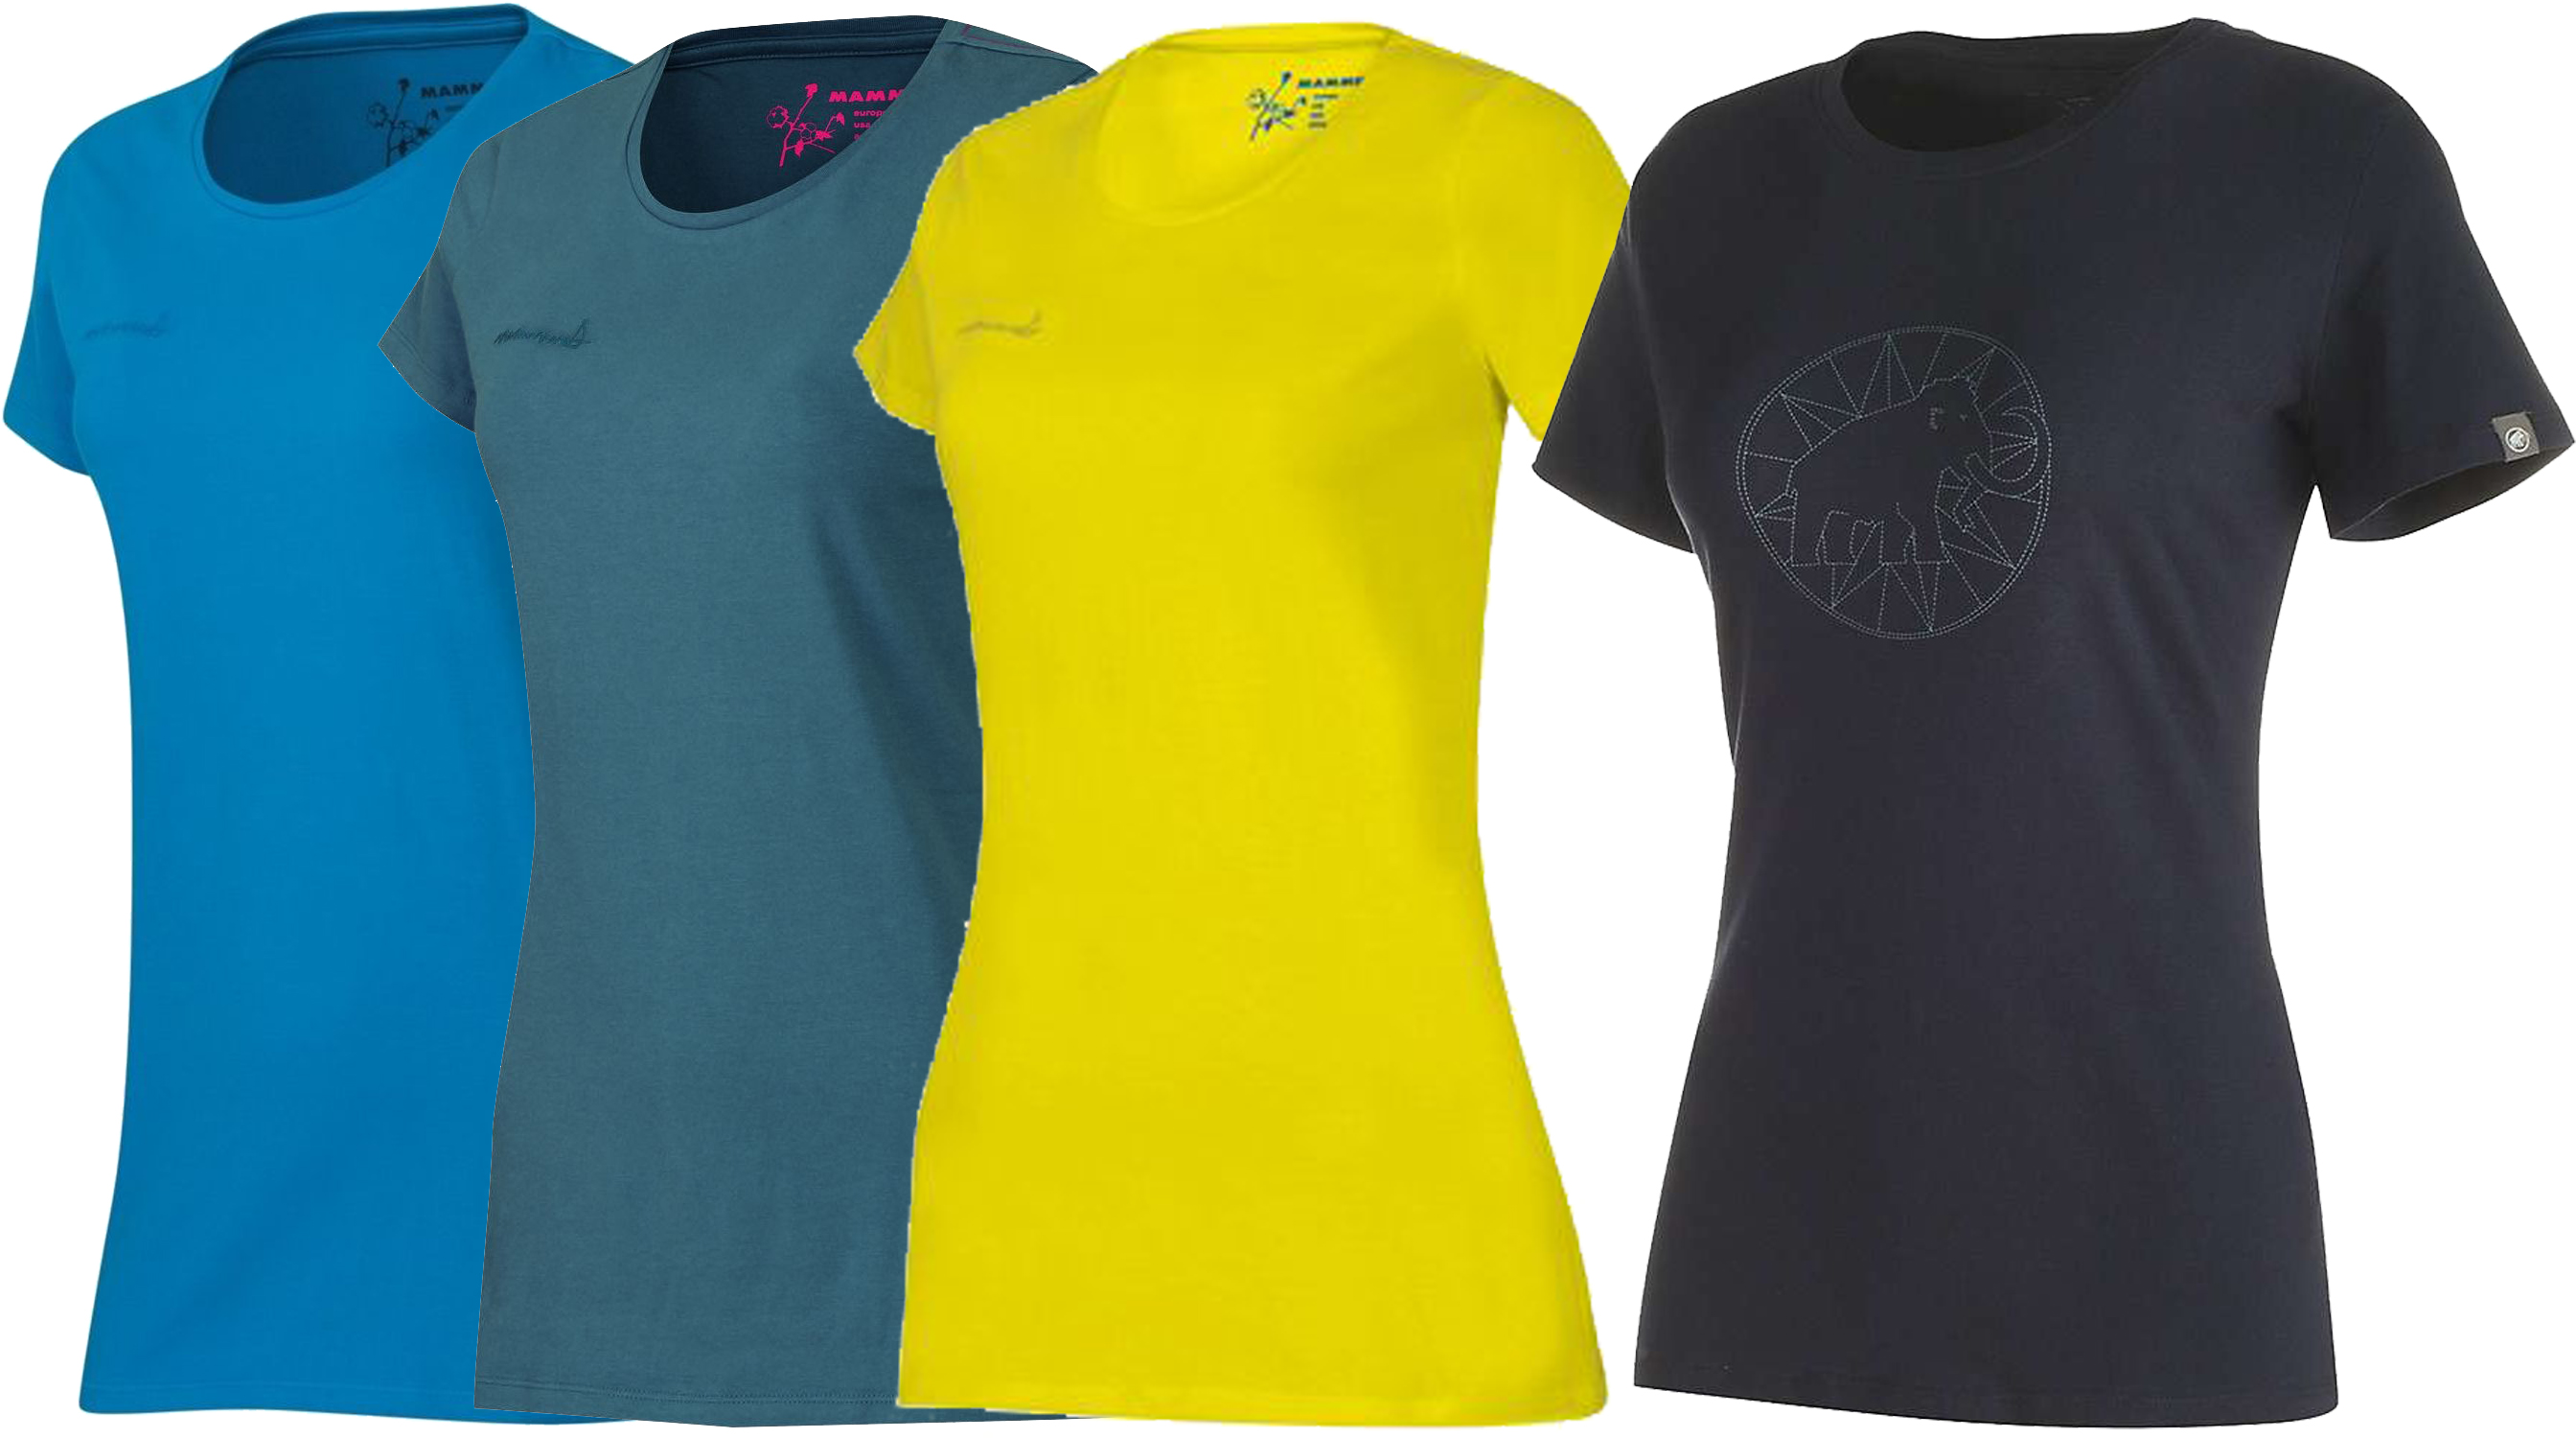 1041-06541-7094-114 Mammut Logo T-Shirt Teal M Womens